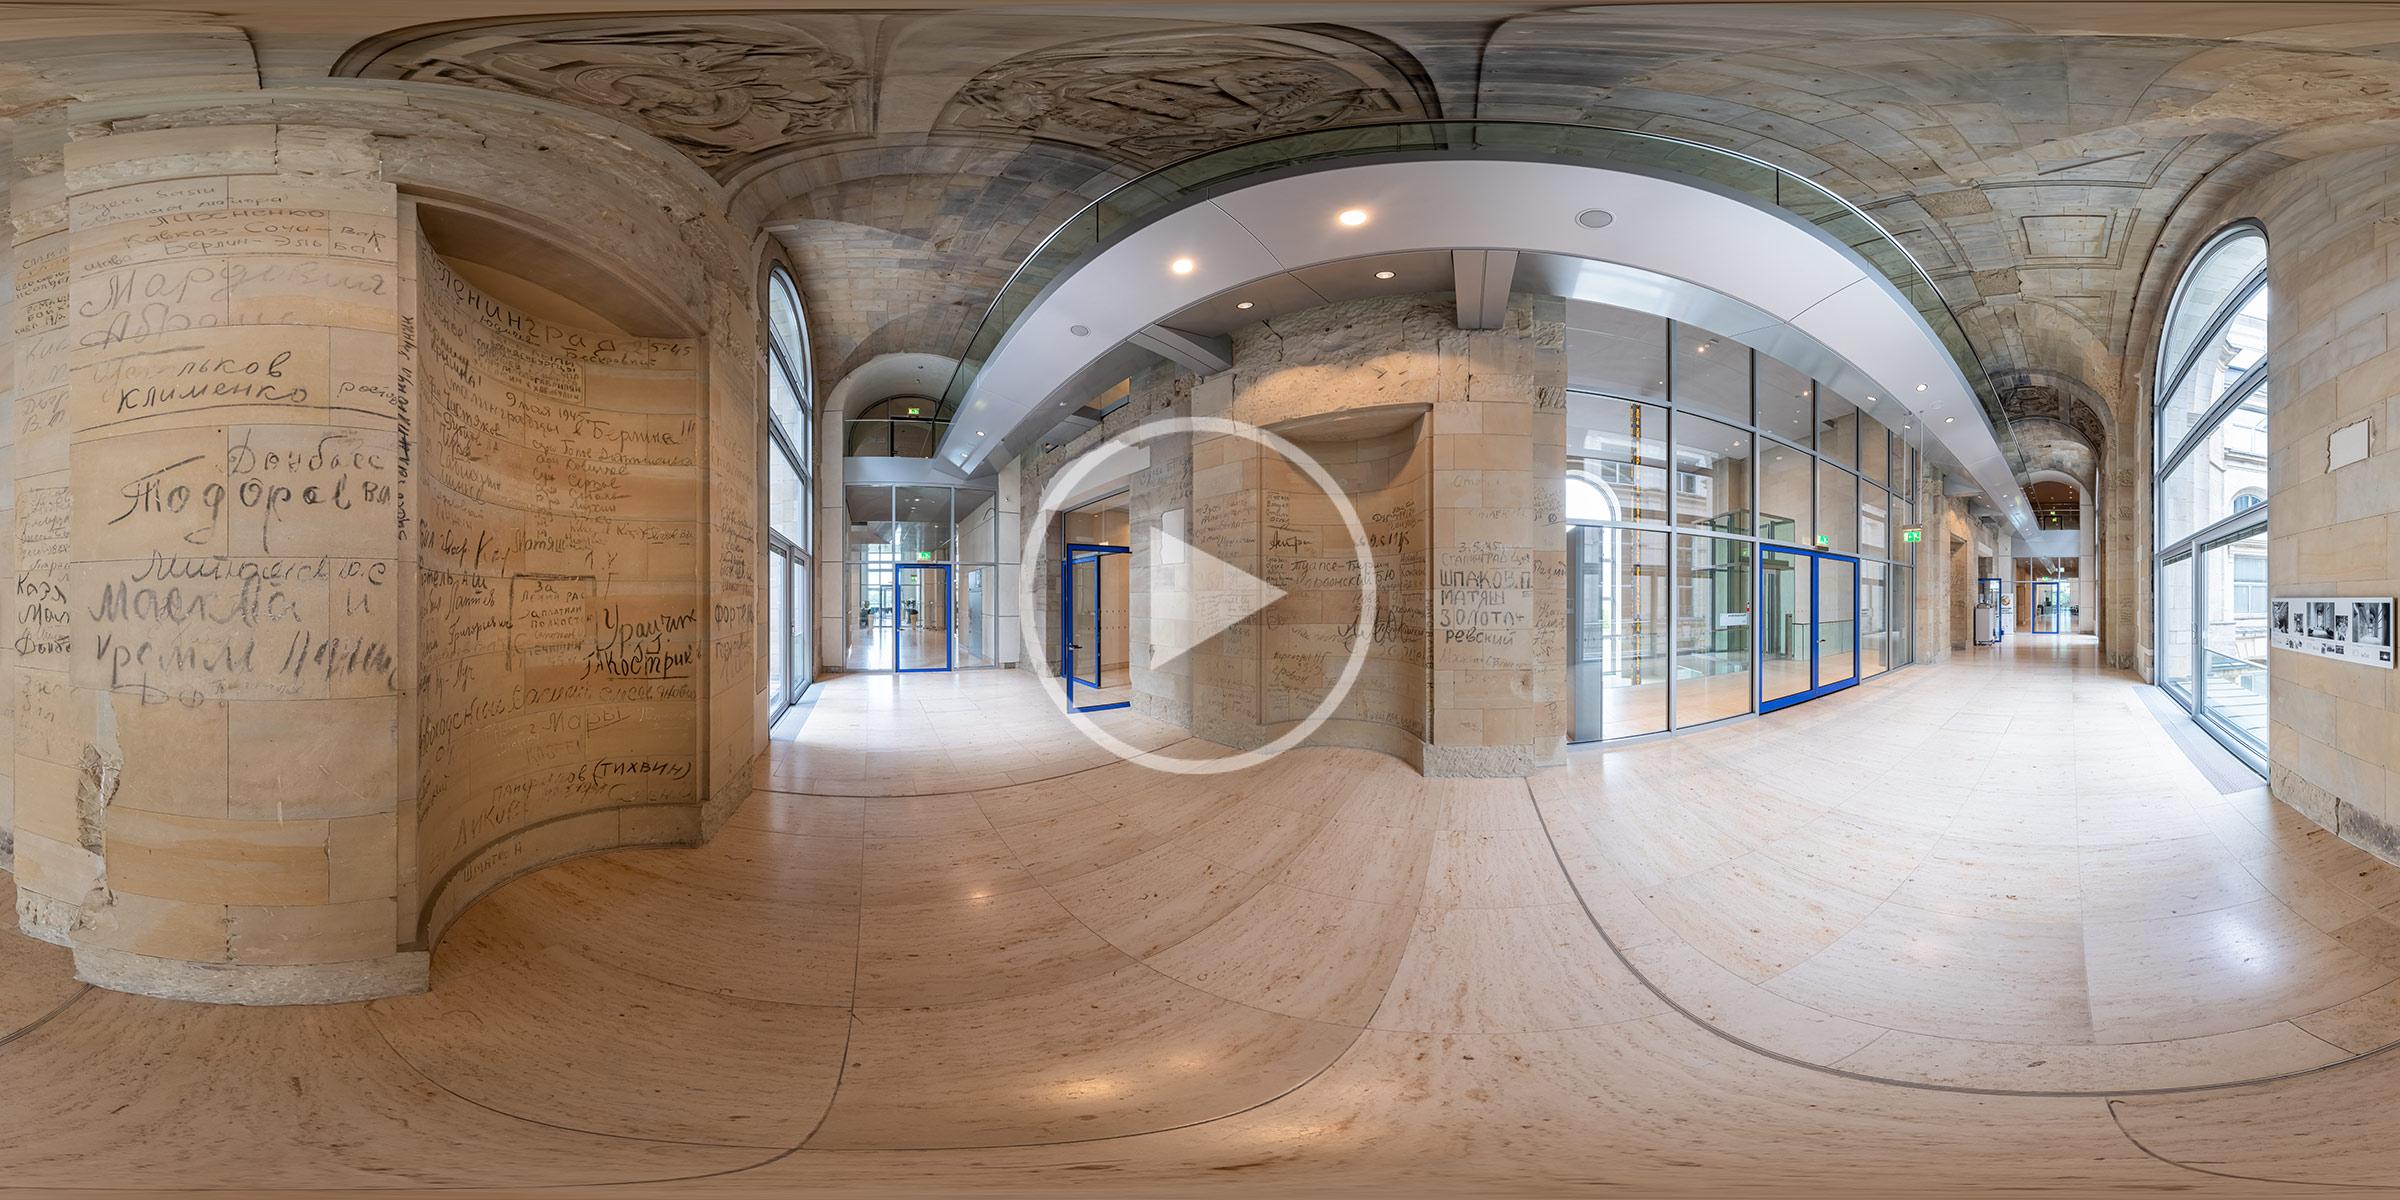 Kyrillische Inschriften im Reichstagsgebäude